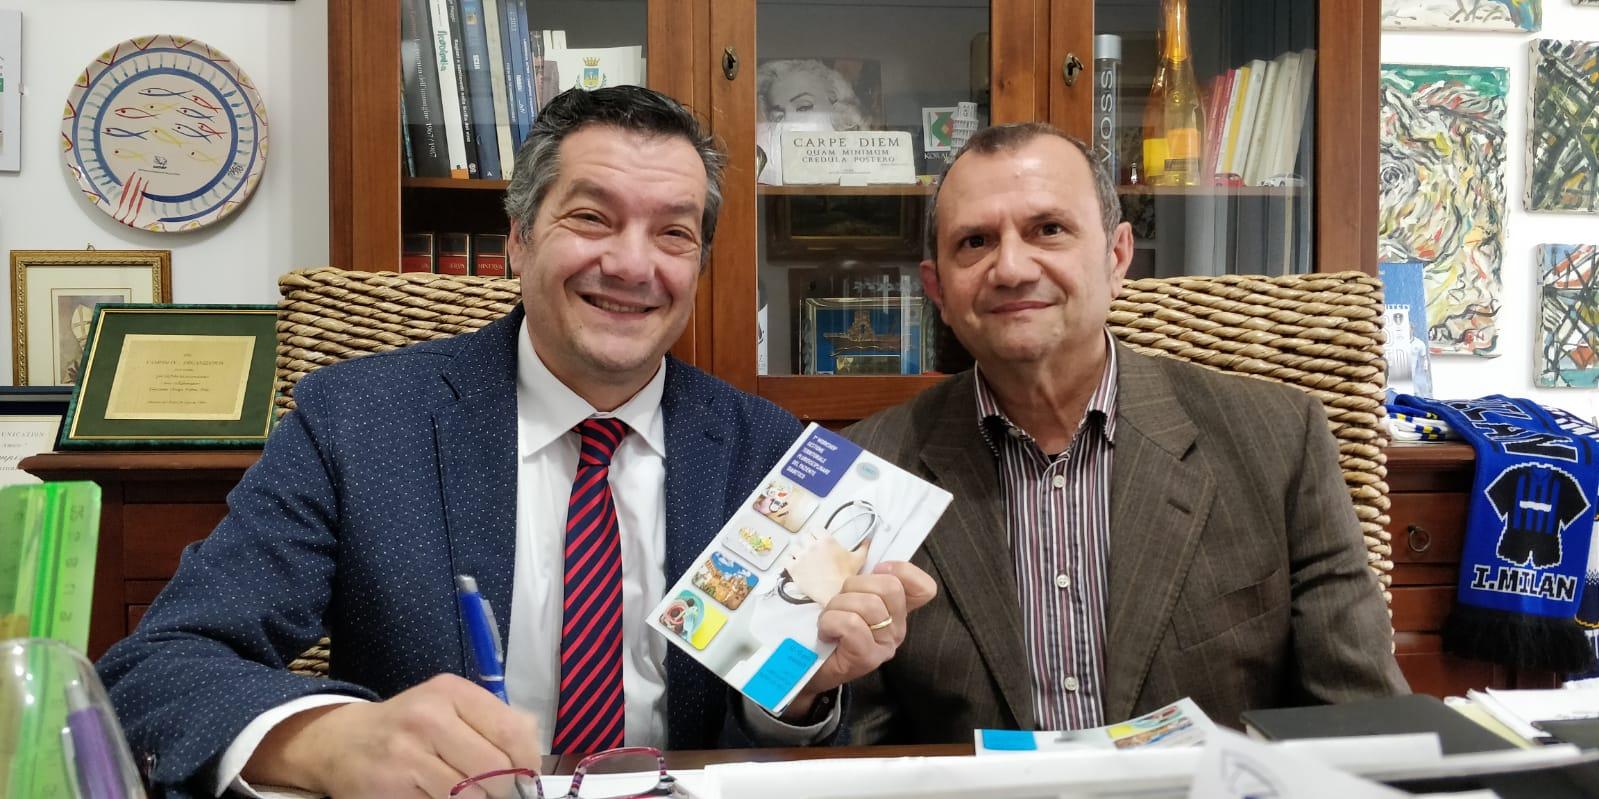 INTERVISTA AL DOTT. GIUSEPPE GIORDANO, DIABETOLOGO DEL DISTRETTO SANITARIO DI MAZARA